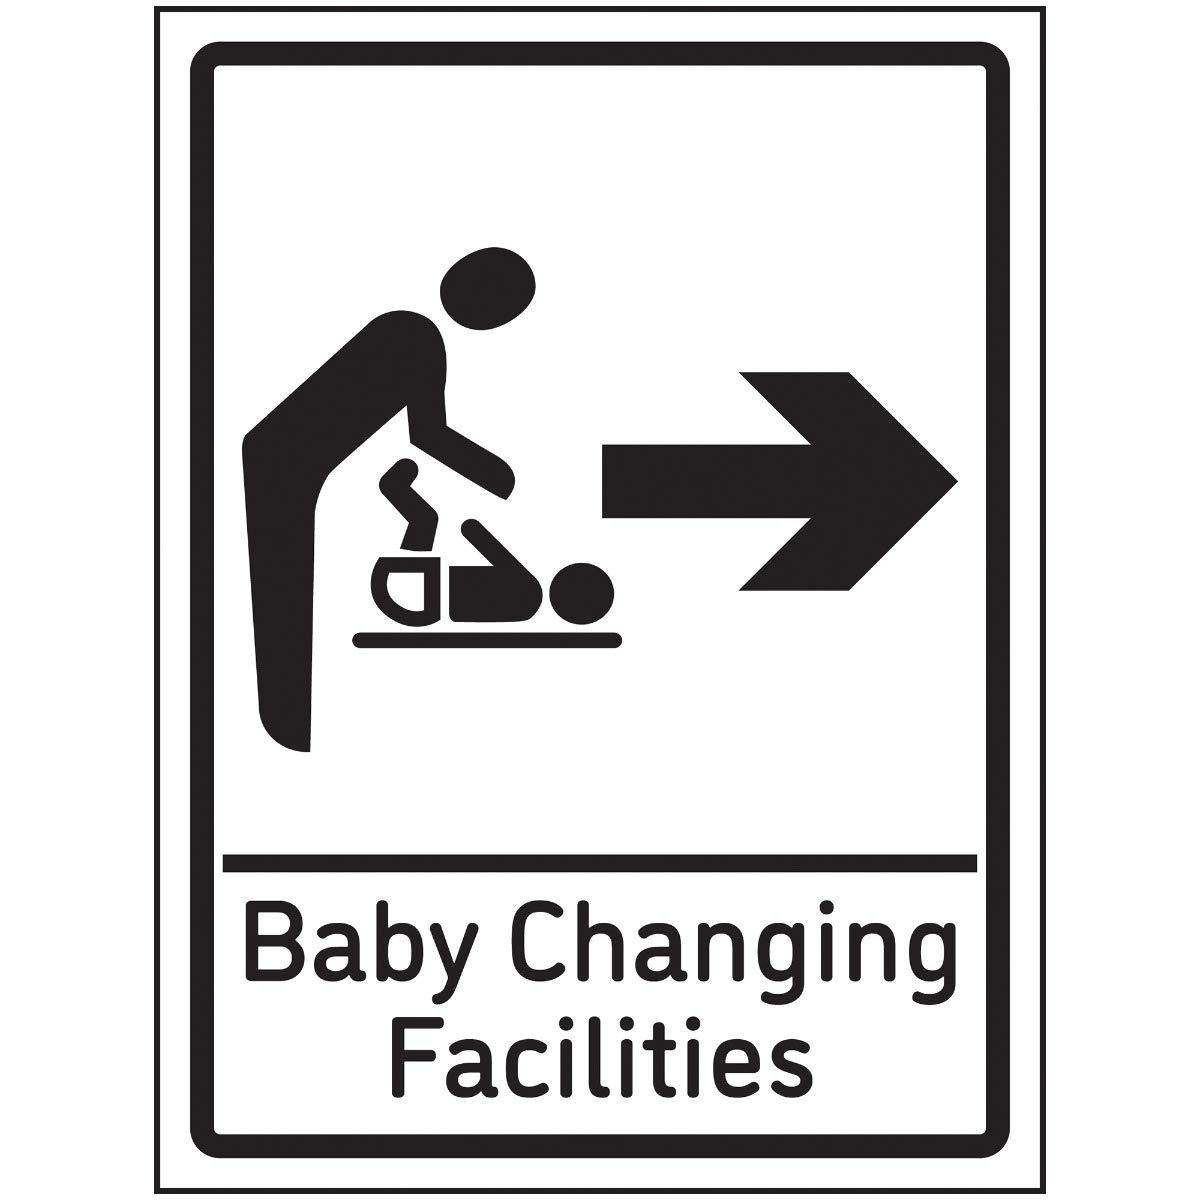 Señal de flecha derecha de VSafety para cambiador de bebé, 150 x 200 mm, autoadhesiva, efecto de aluminio